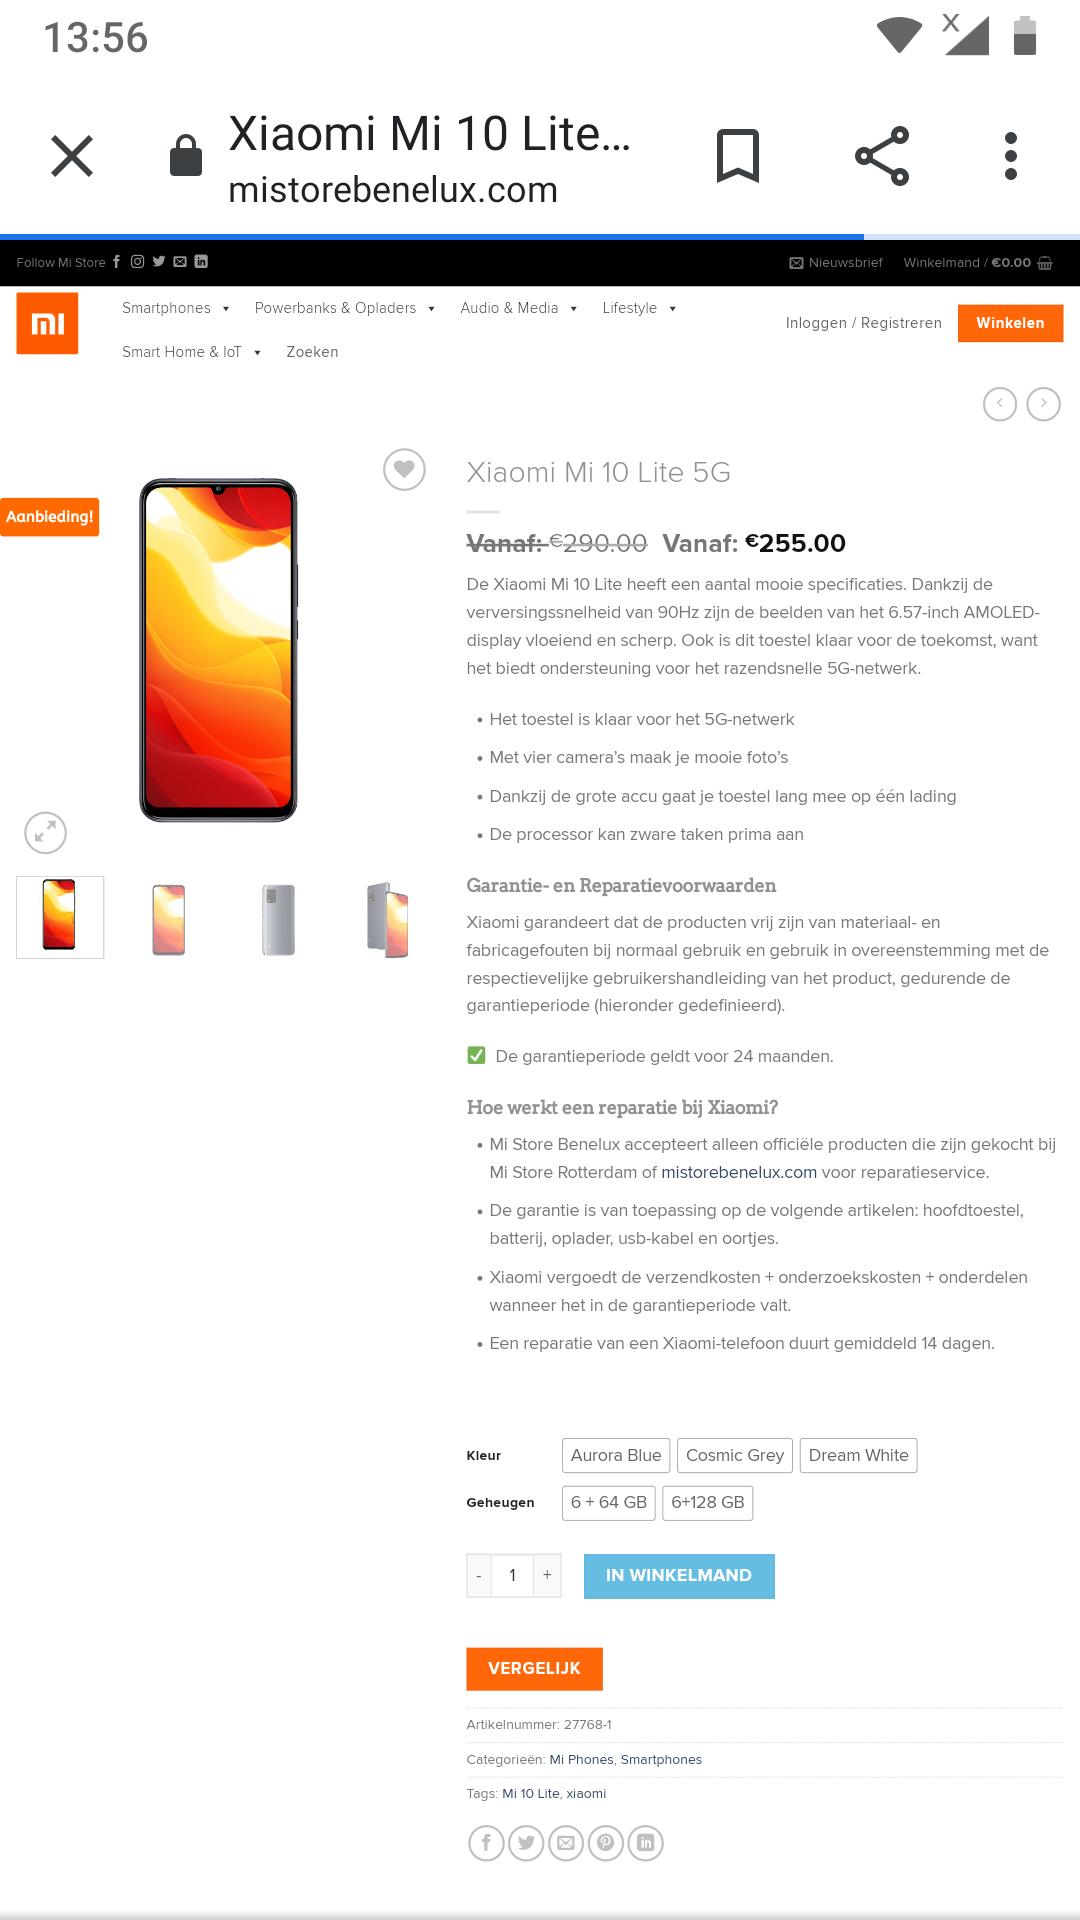 Xiaomi mi 10 lite 5g bij Xiaomi store 255